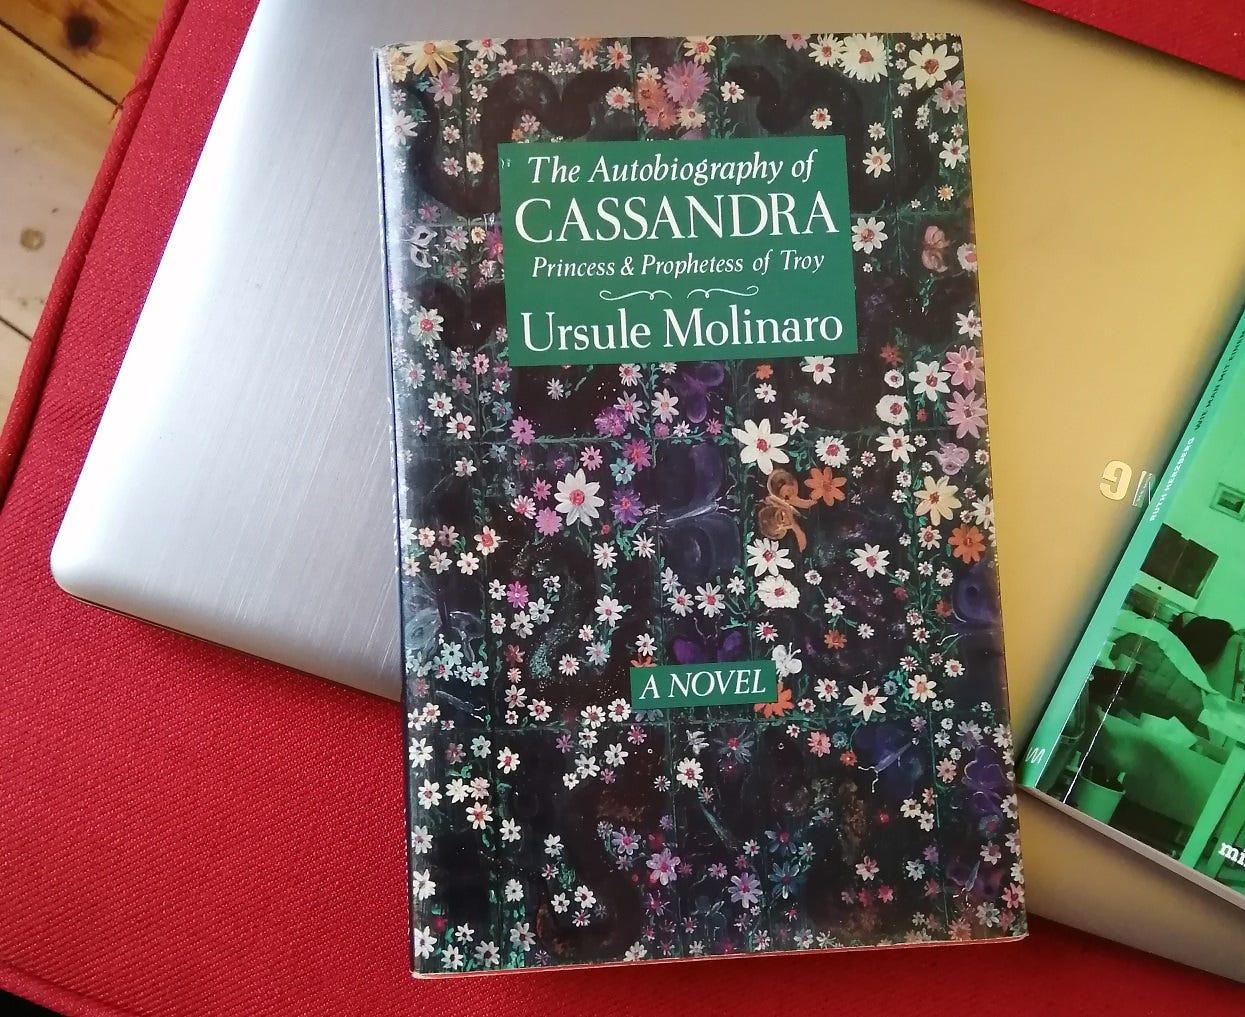 """Das Buch """"The Autobiography of Cassandra"""" von ursule Molinaro. Das Cover zeigt ein buntes Blumenmuster, darauf ein grünes Rechteck im oberen Teil, in dem in weißer Schrift der Titel und der Autorinnenname stehen."""